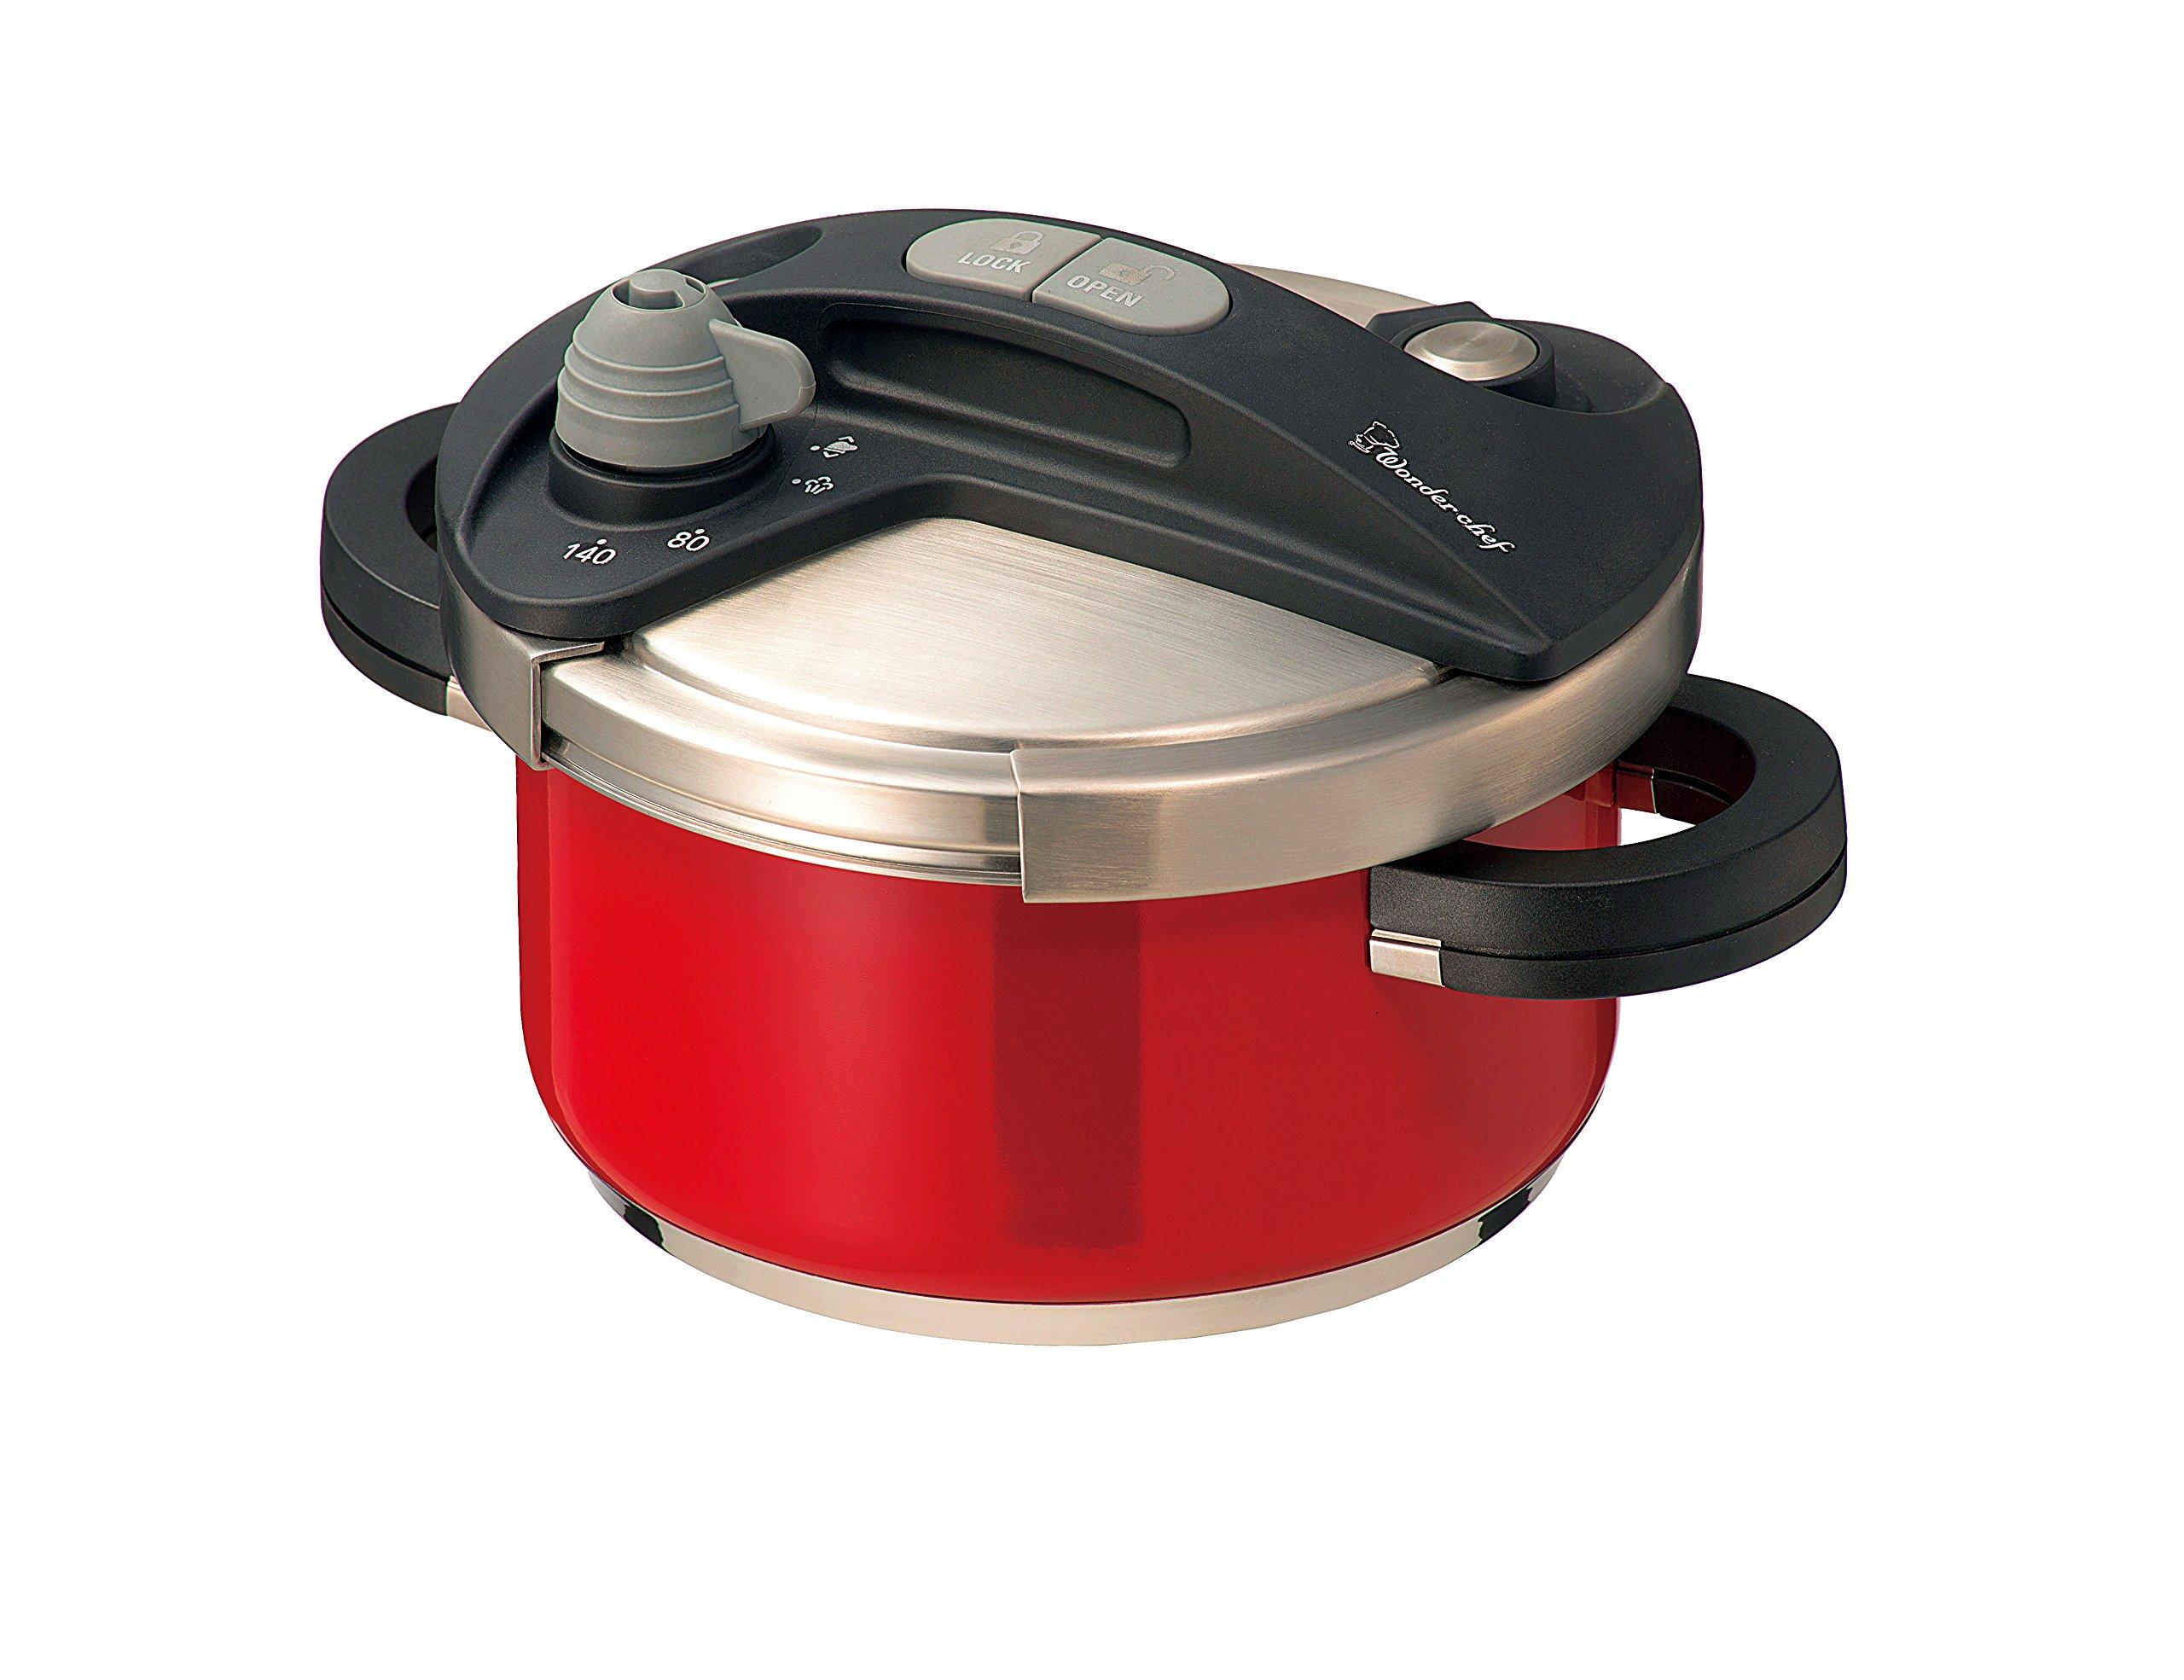 Wonderchef(ワンダーシェフ) オースプラス 両手圧力鍋の商品画像